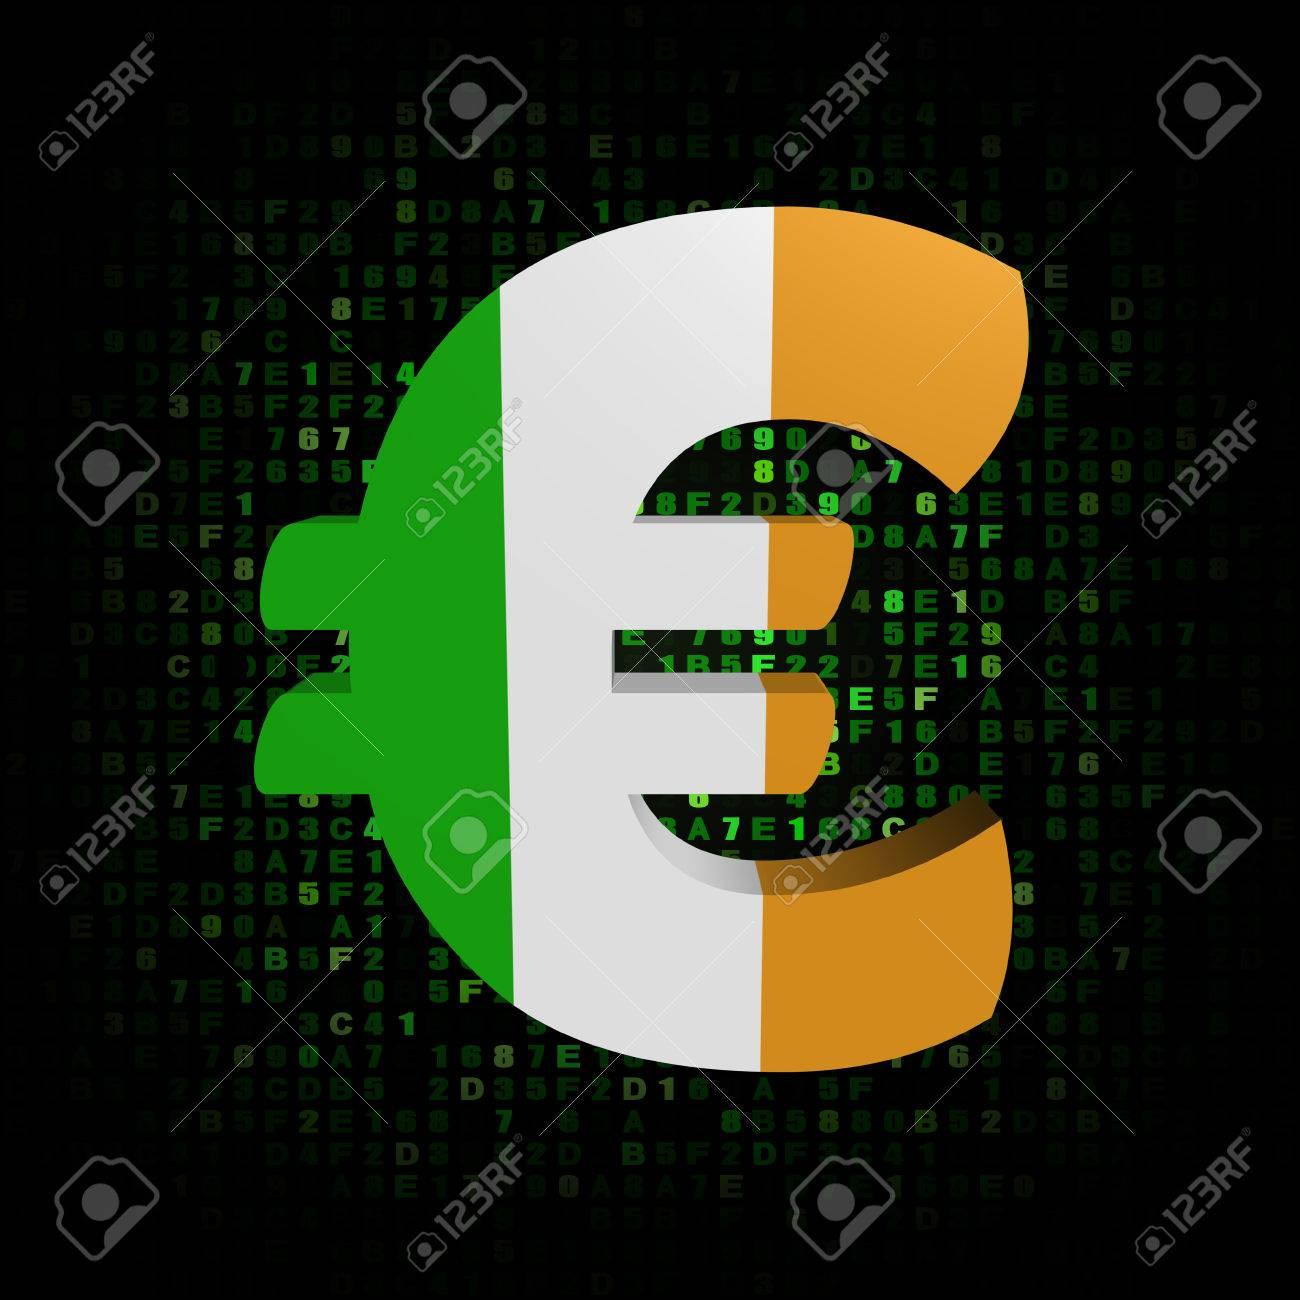 Euro Symbol With Irish Flag On Hex Code Illustration Stock Photo